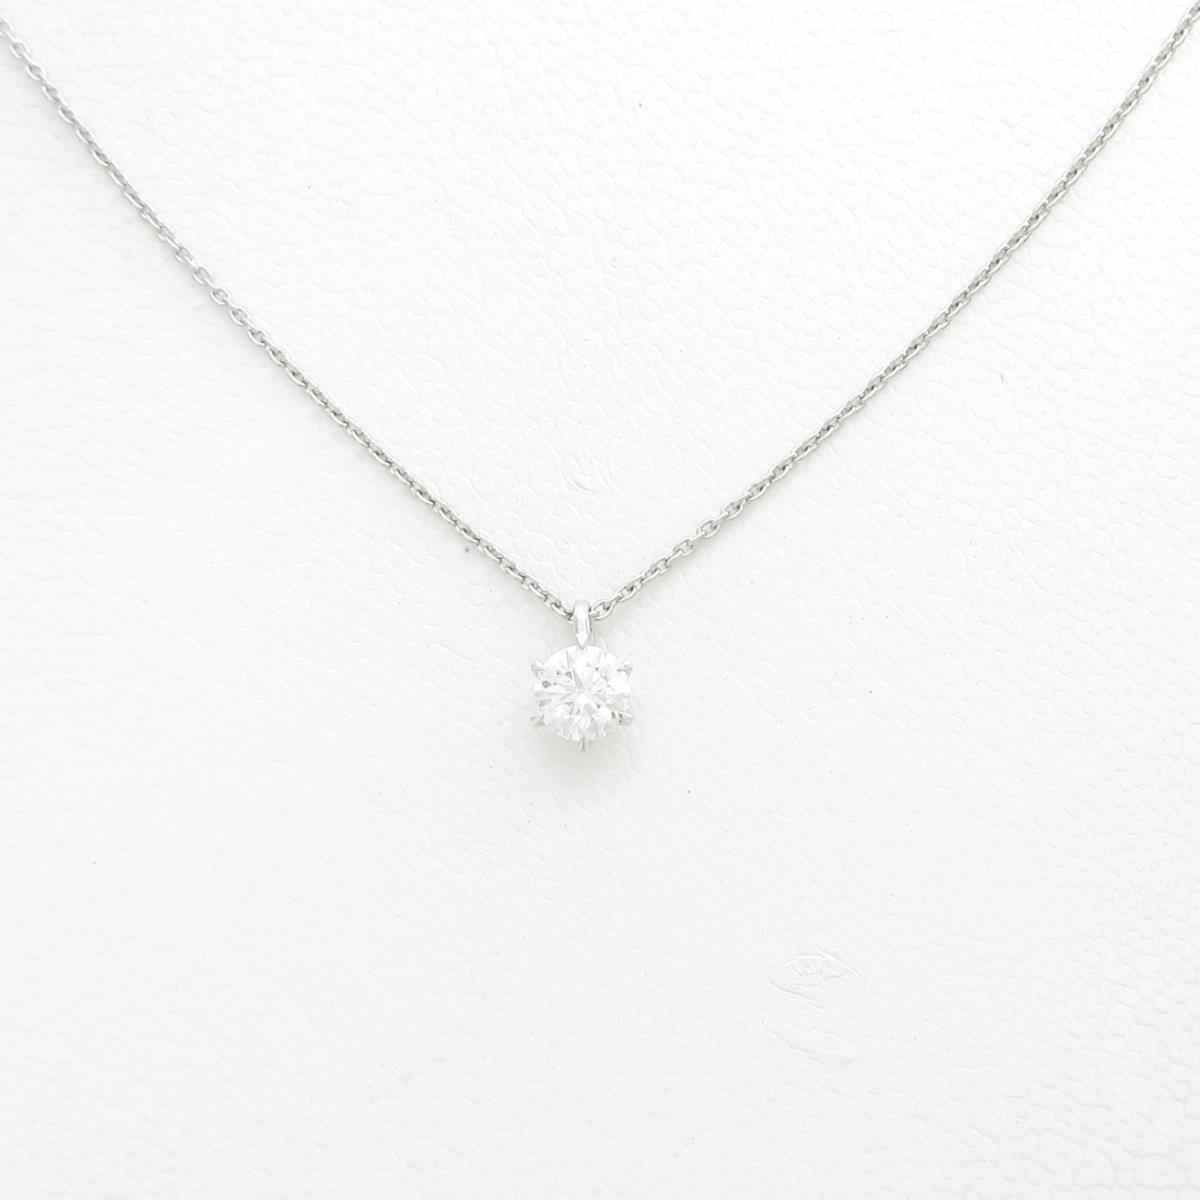 【リメイク】プラチナダイヤモンドネックレス 0.318ct・F・SI1・EXT H&C【中古】